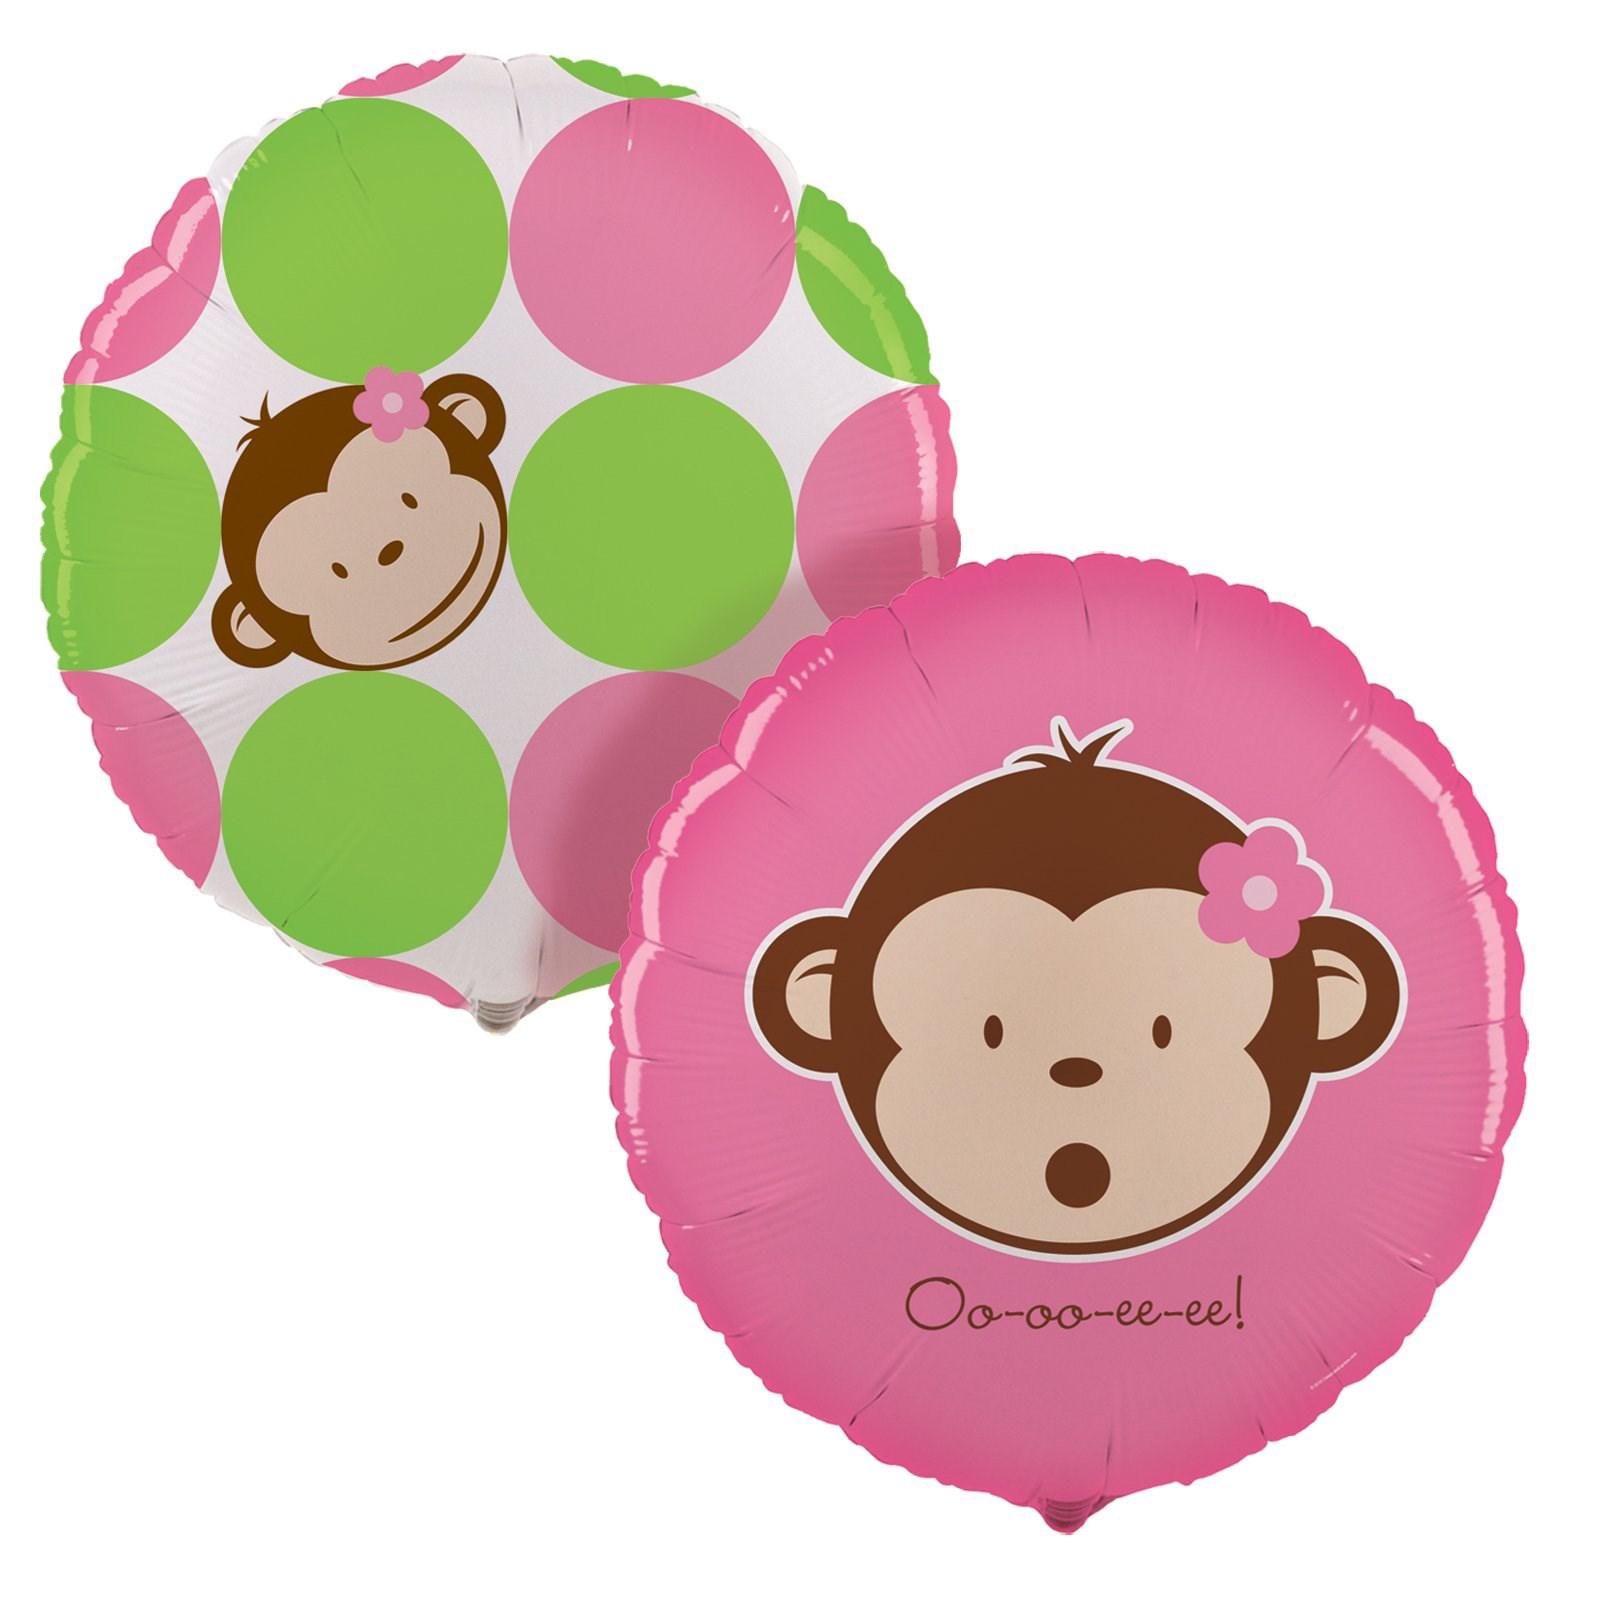 Pink Monkey Bing Images